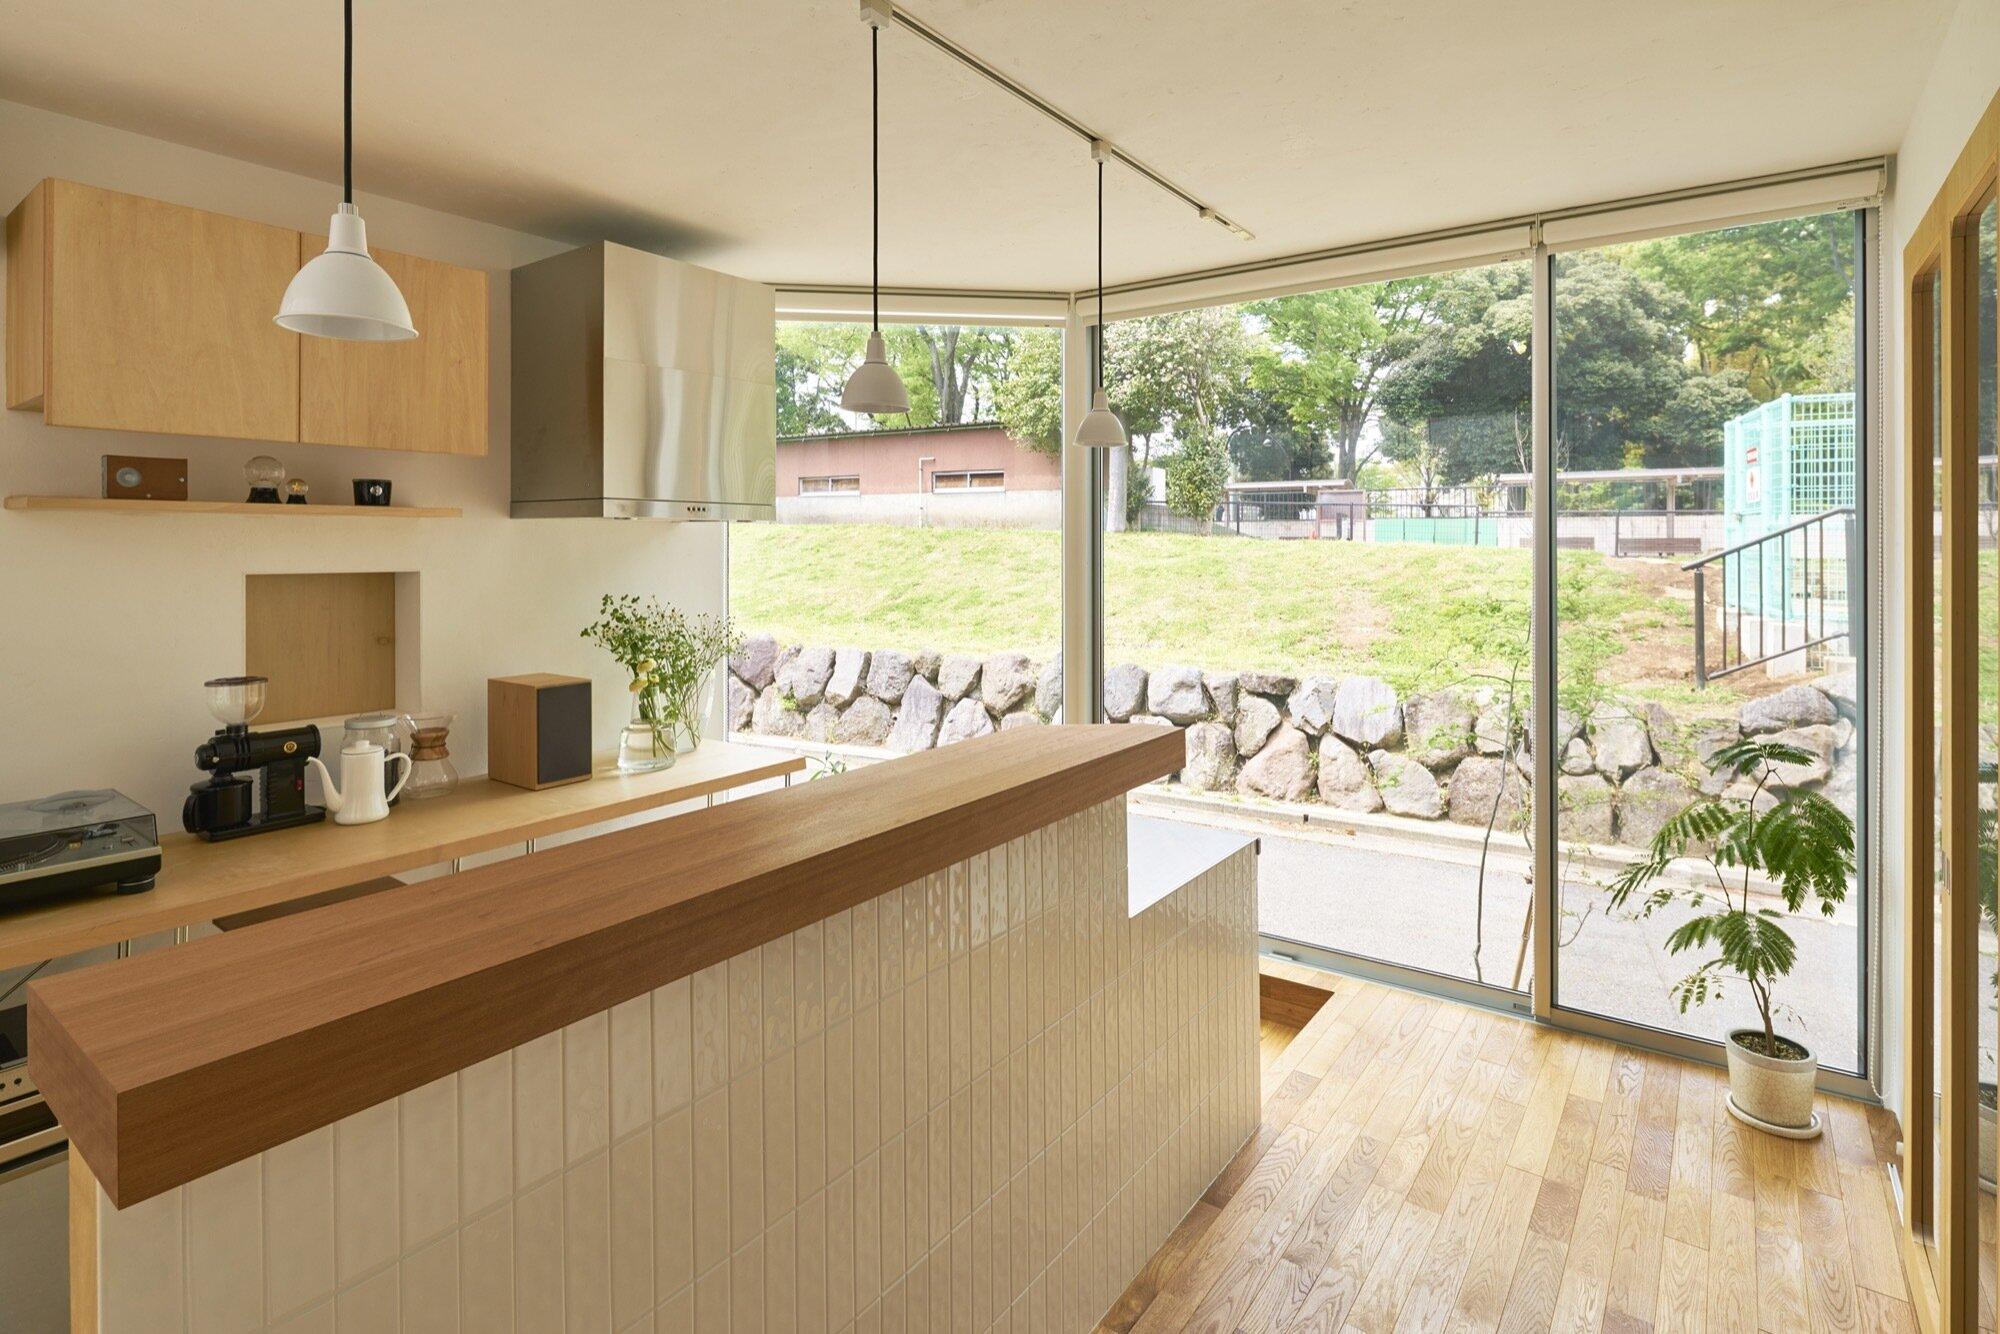 Ondo - MAMM DESIGN - Tokyo - Kitchen - Humble Homes